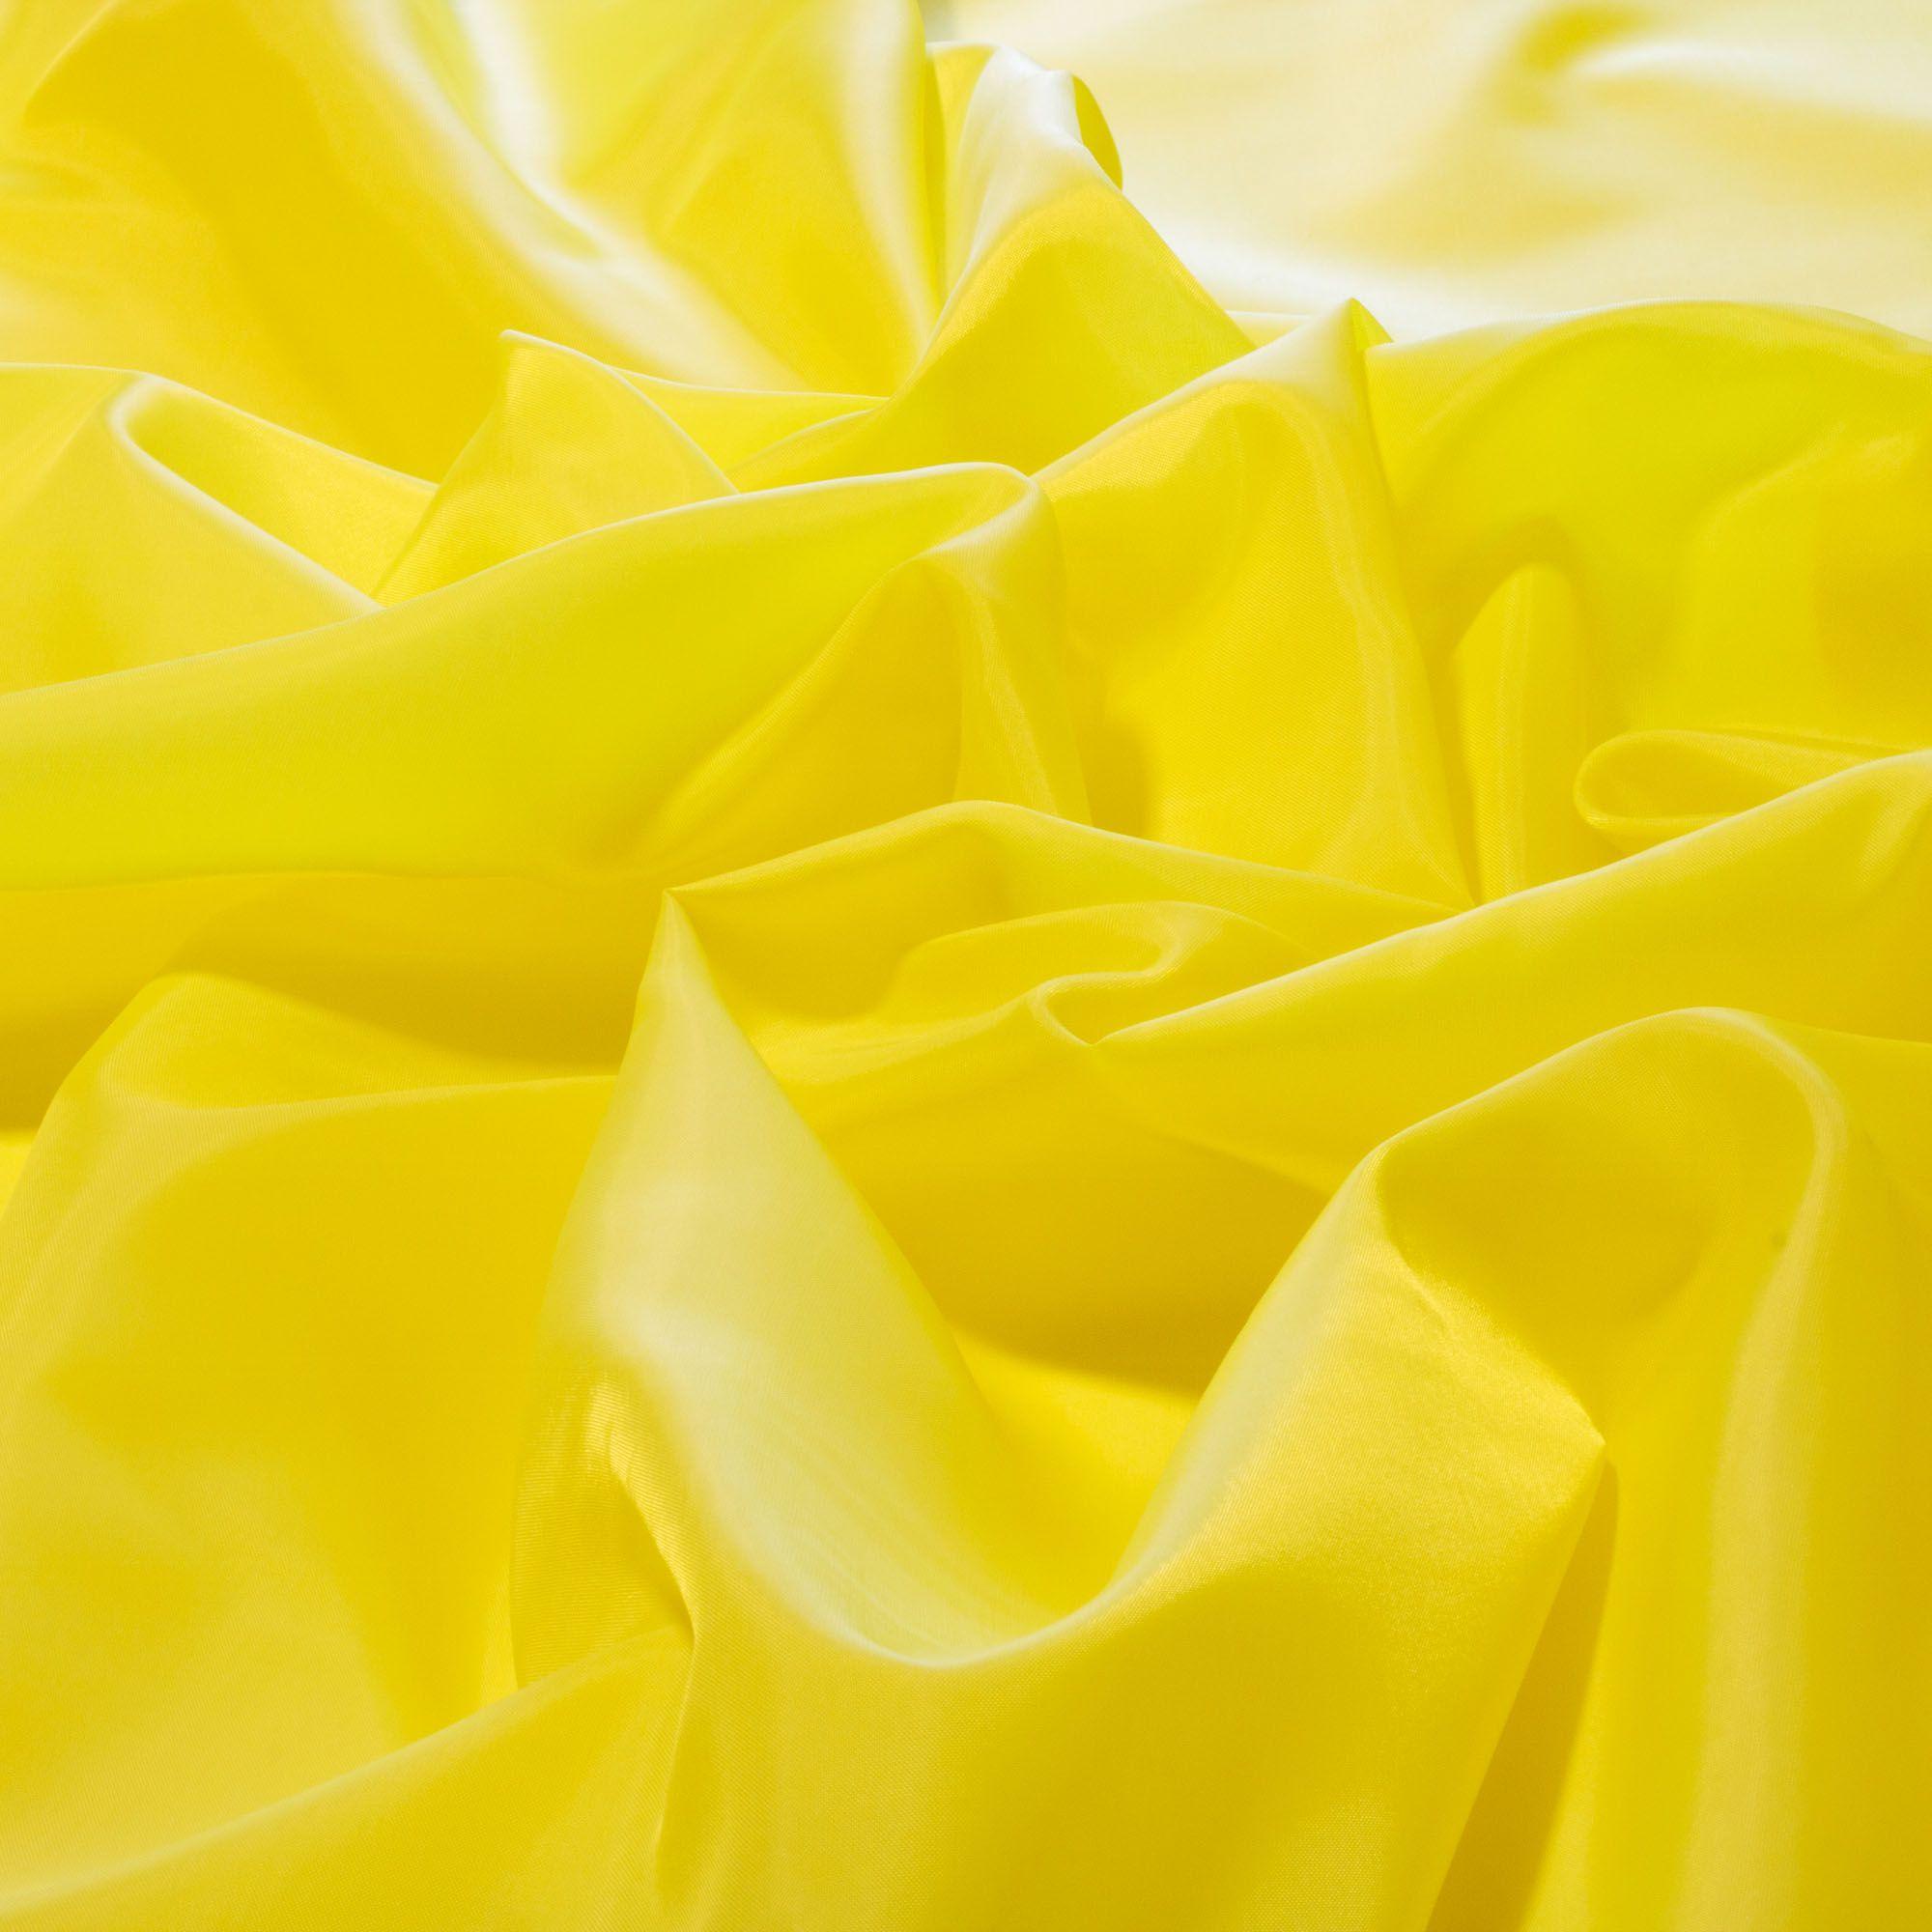 Tecido Bember Amarelo Neon 100% Poliester 1,50 m Largura